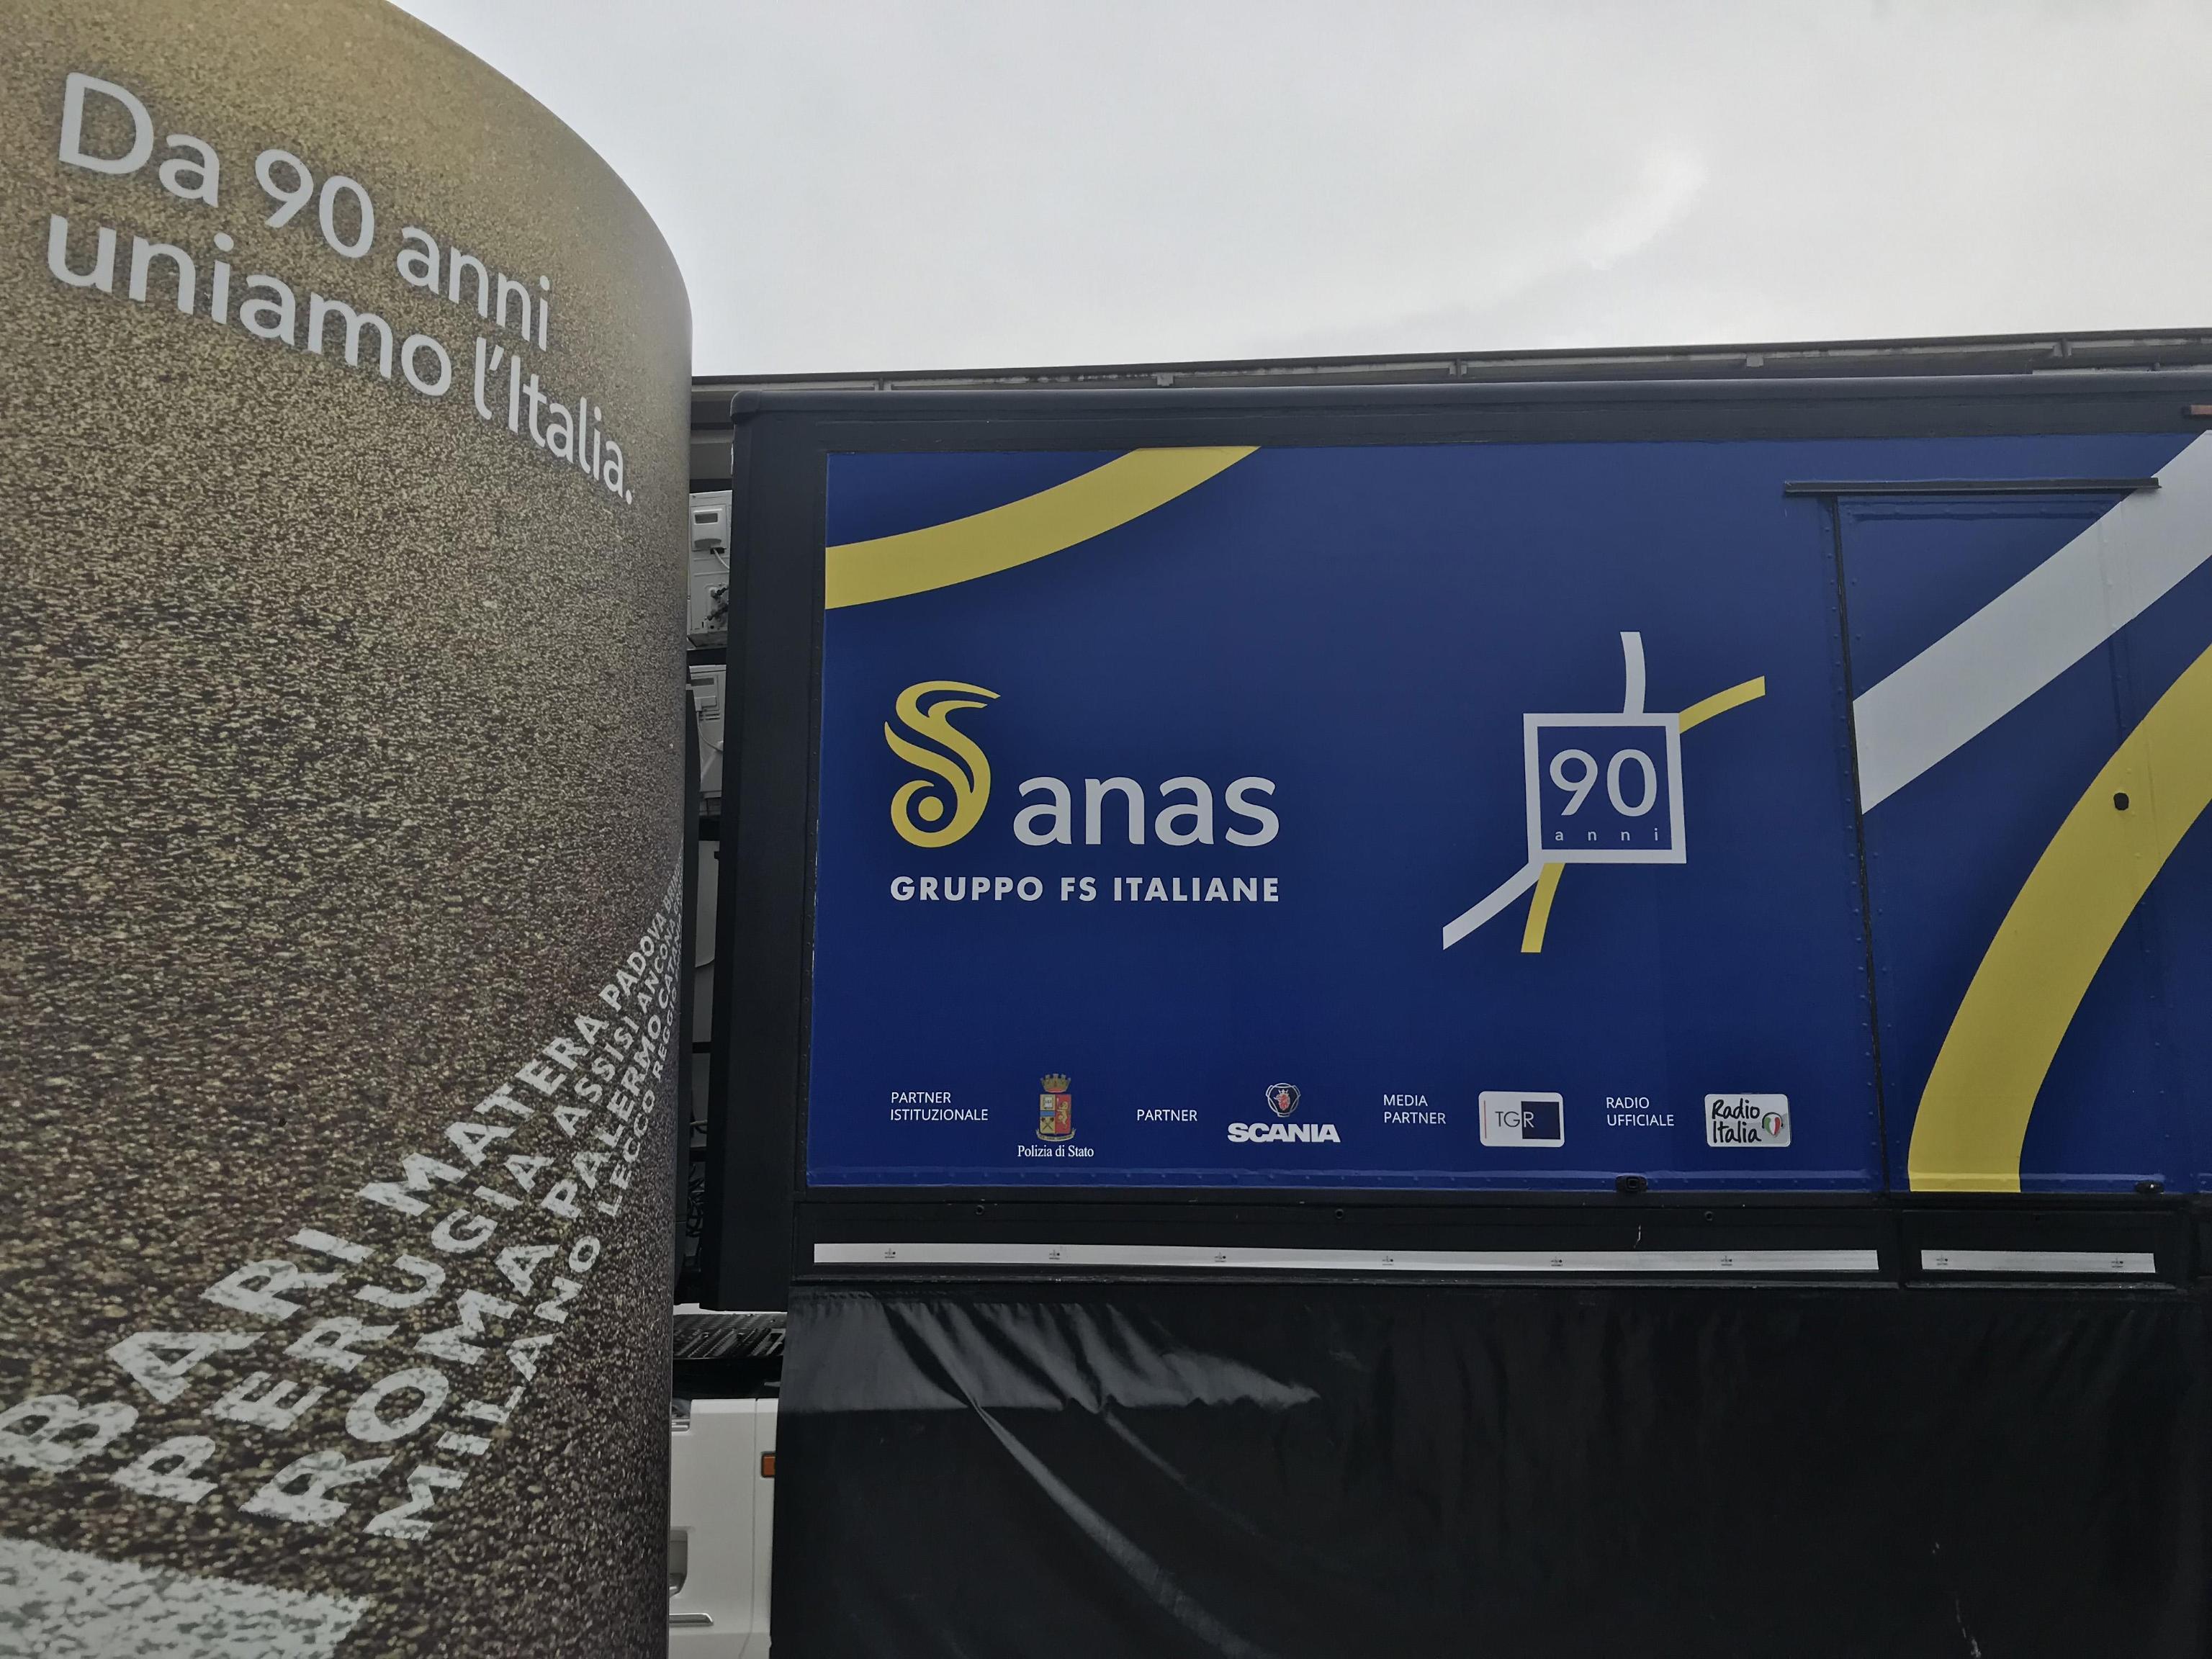 'Congiunzioni', il roadshow di Anas in viaggio per l'Italia